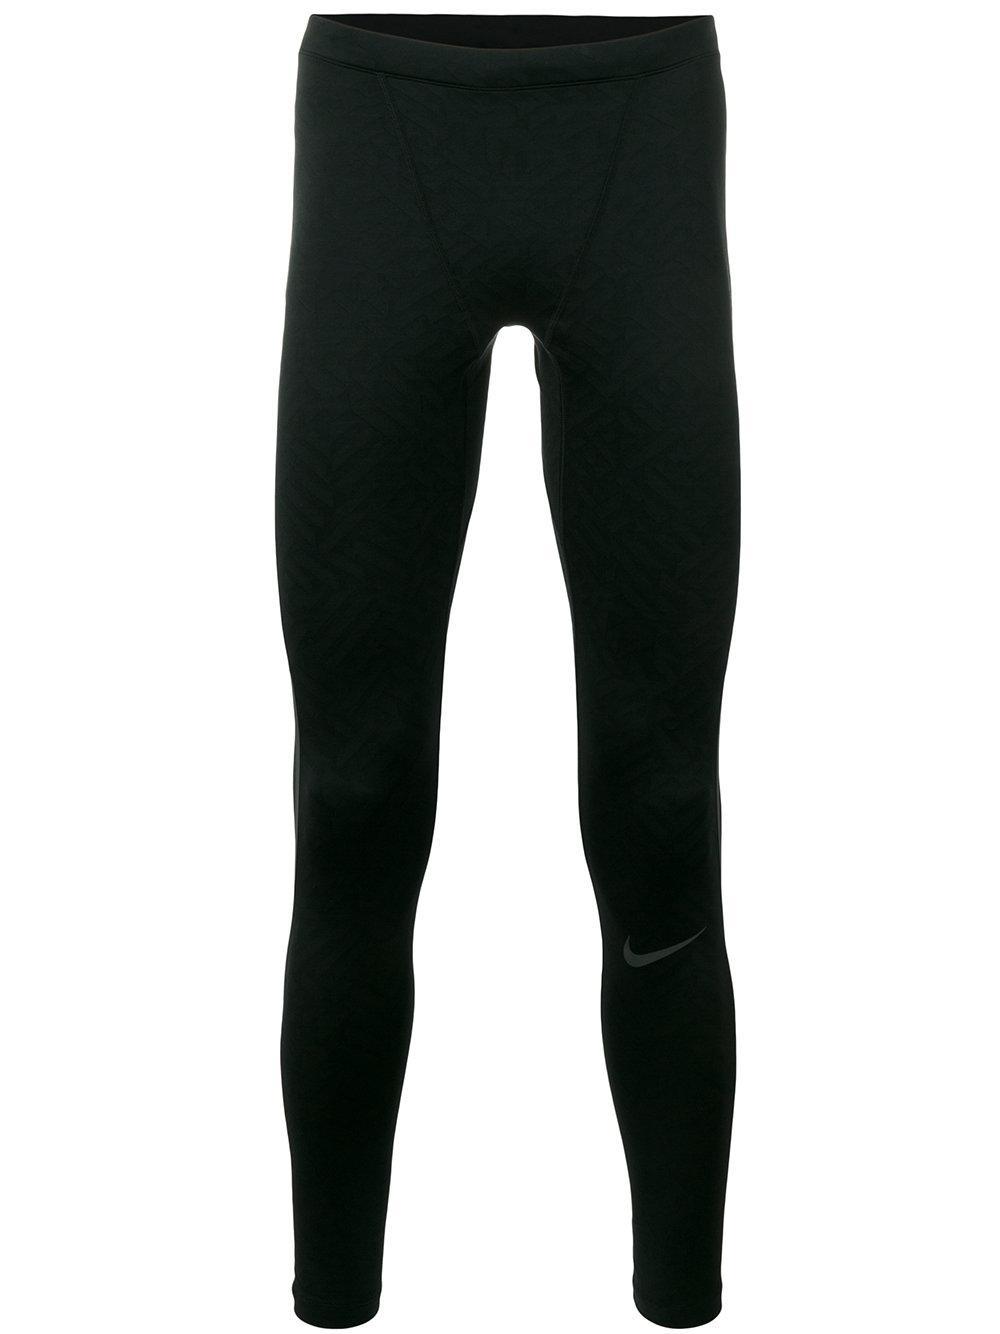 Nike Power City Running Leggings In Black For Men   Lyst